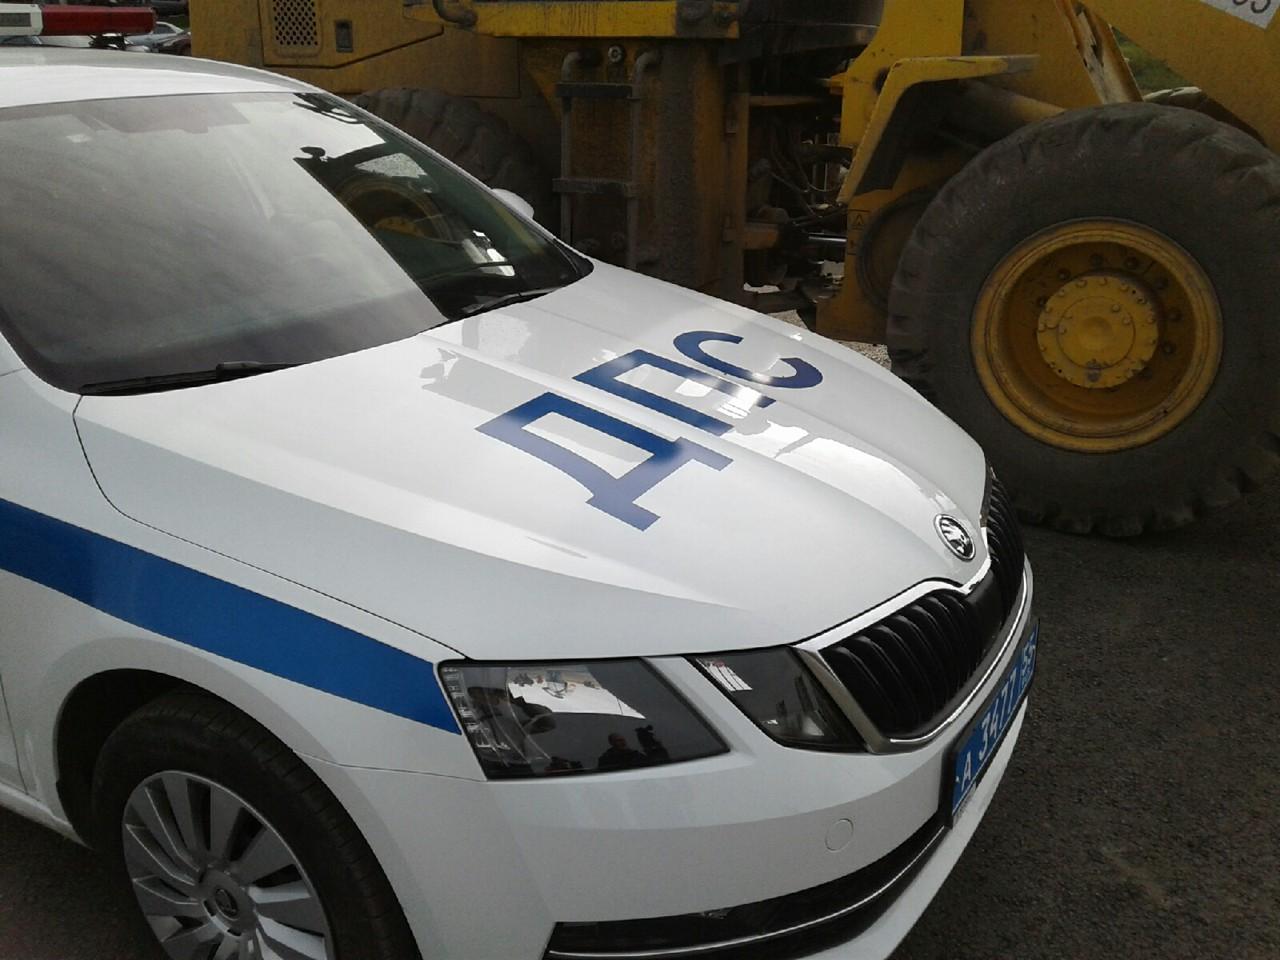 На одной из центральных магистралей Омска погиб пешеход #Новости #Общество #Омск